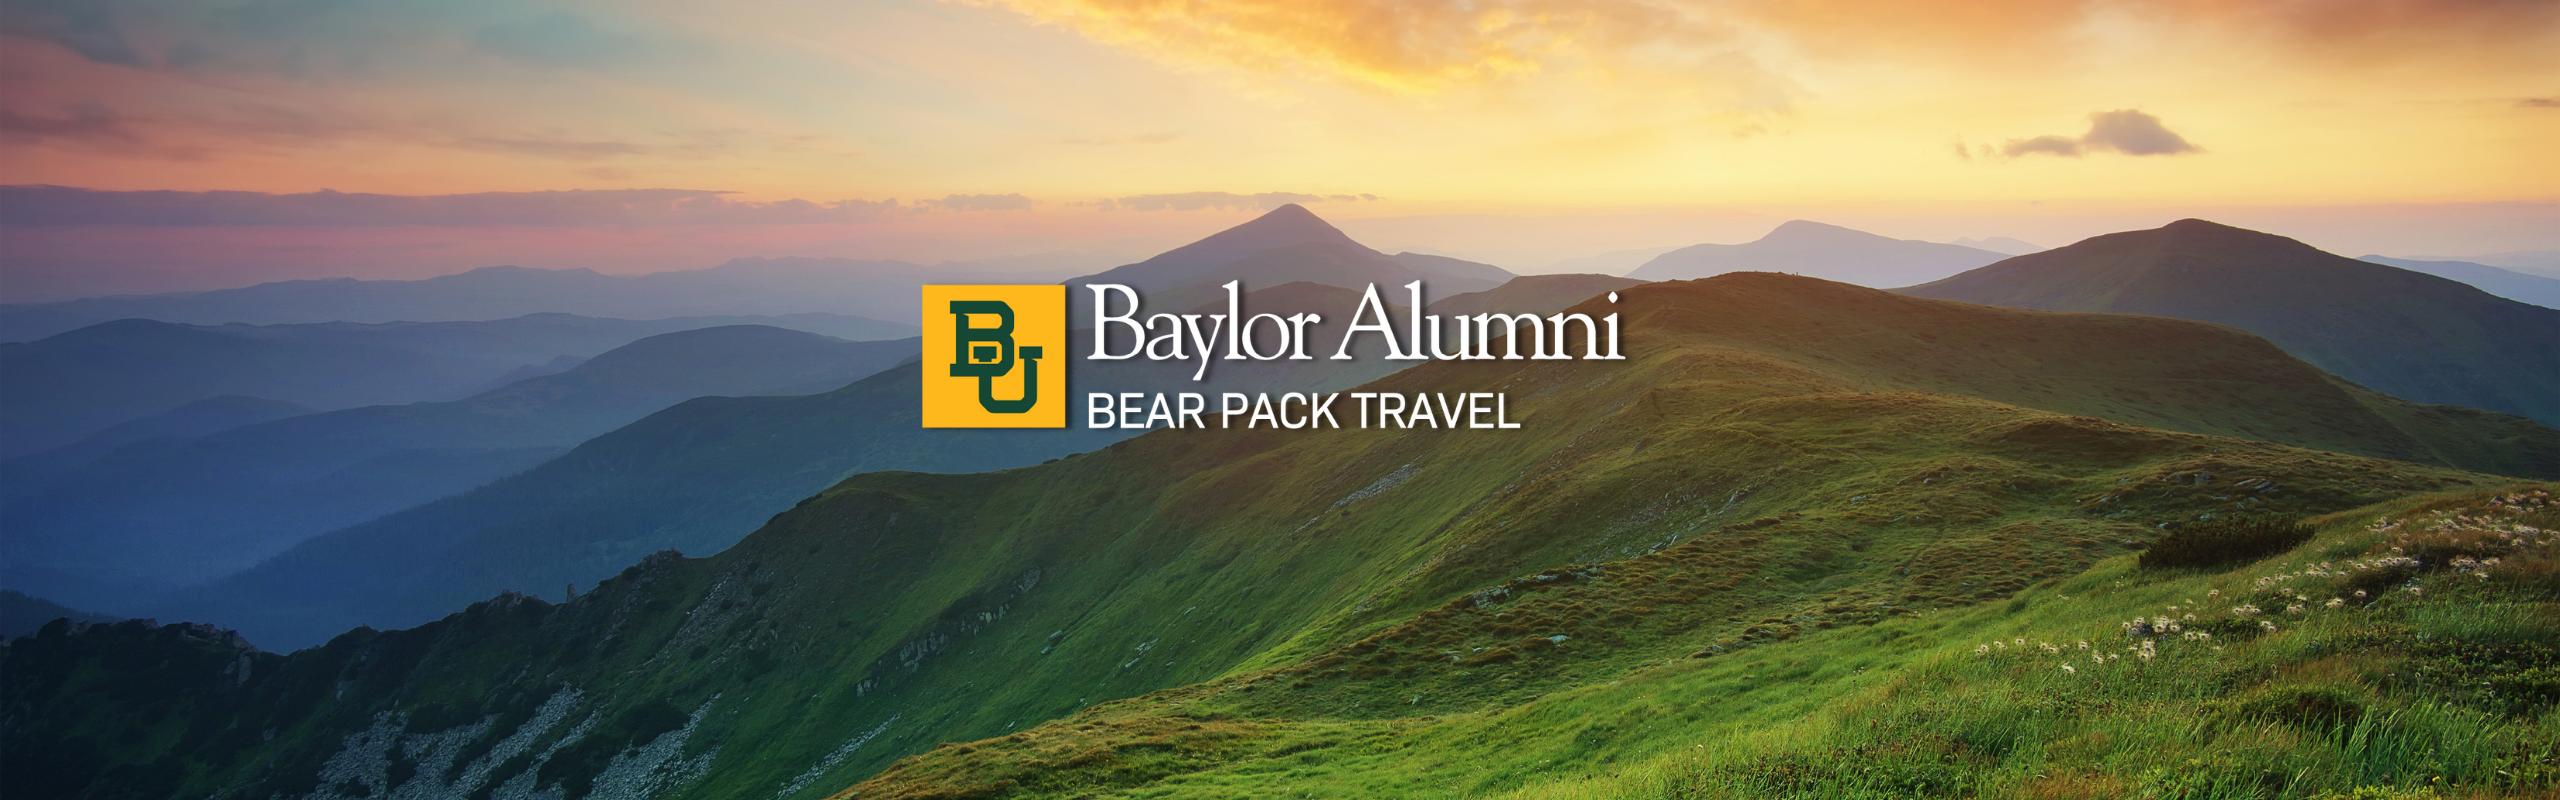 Bear Pack Travel